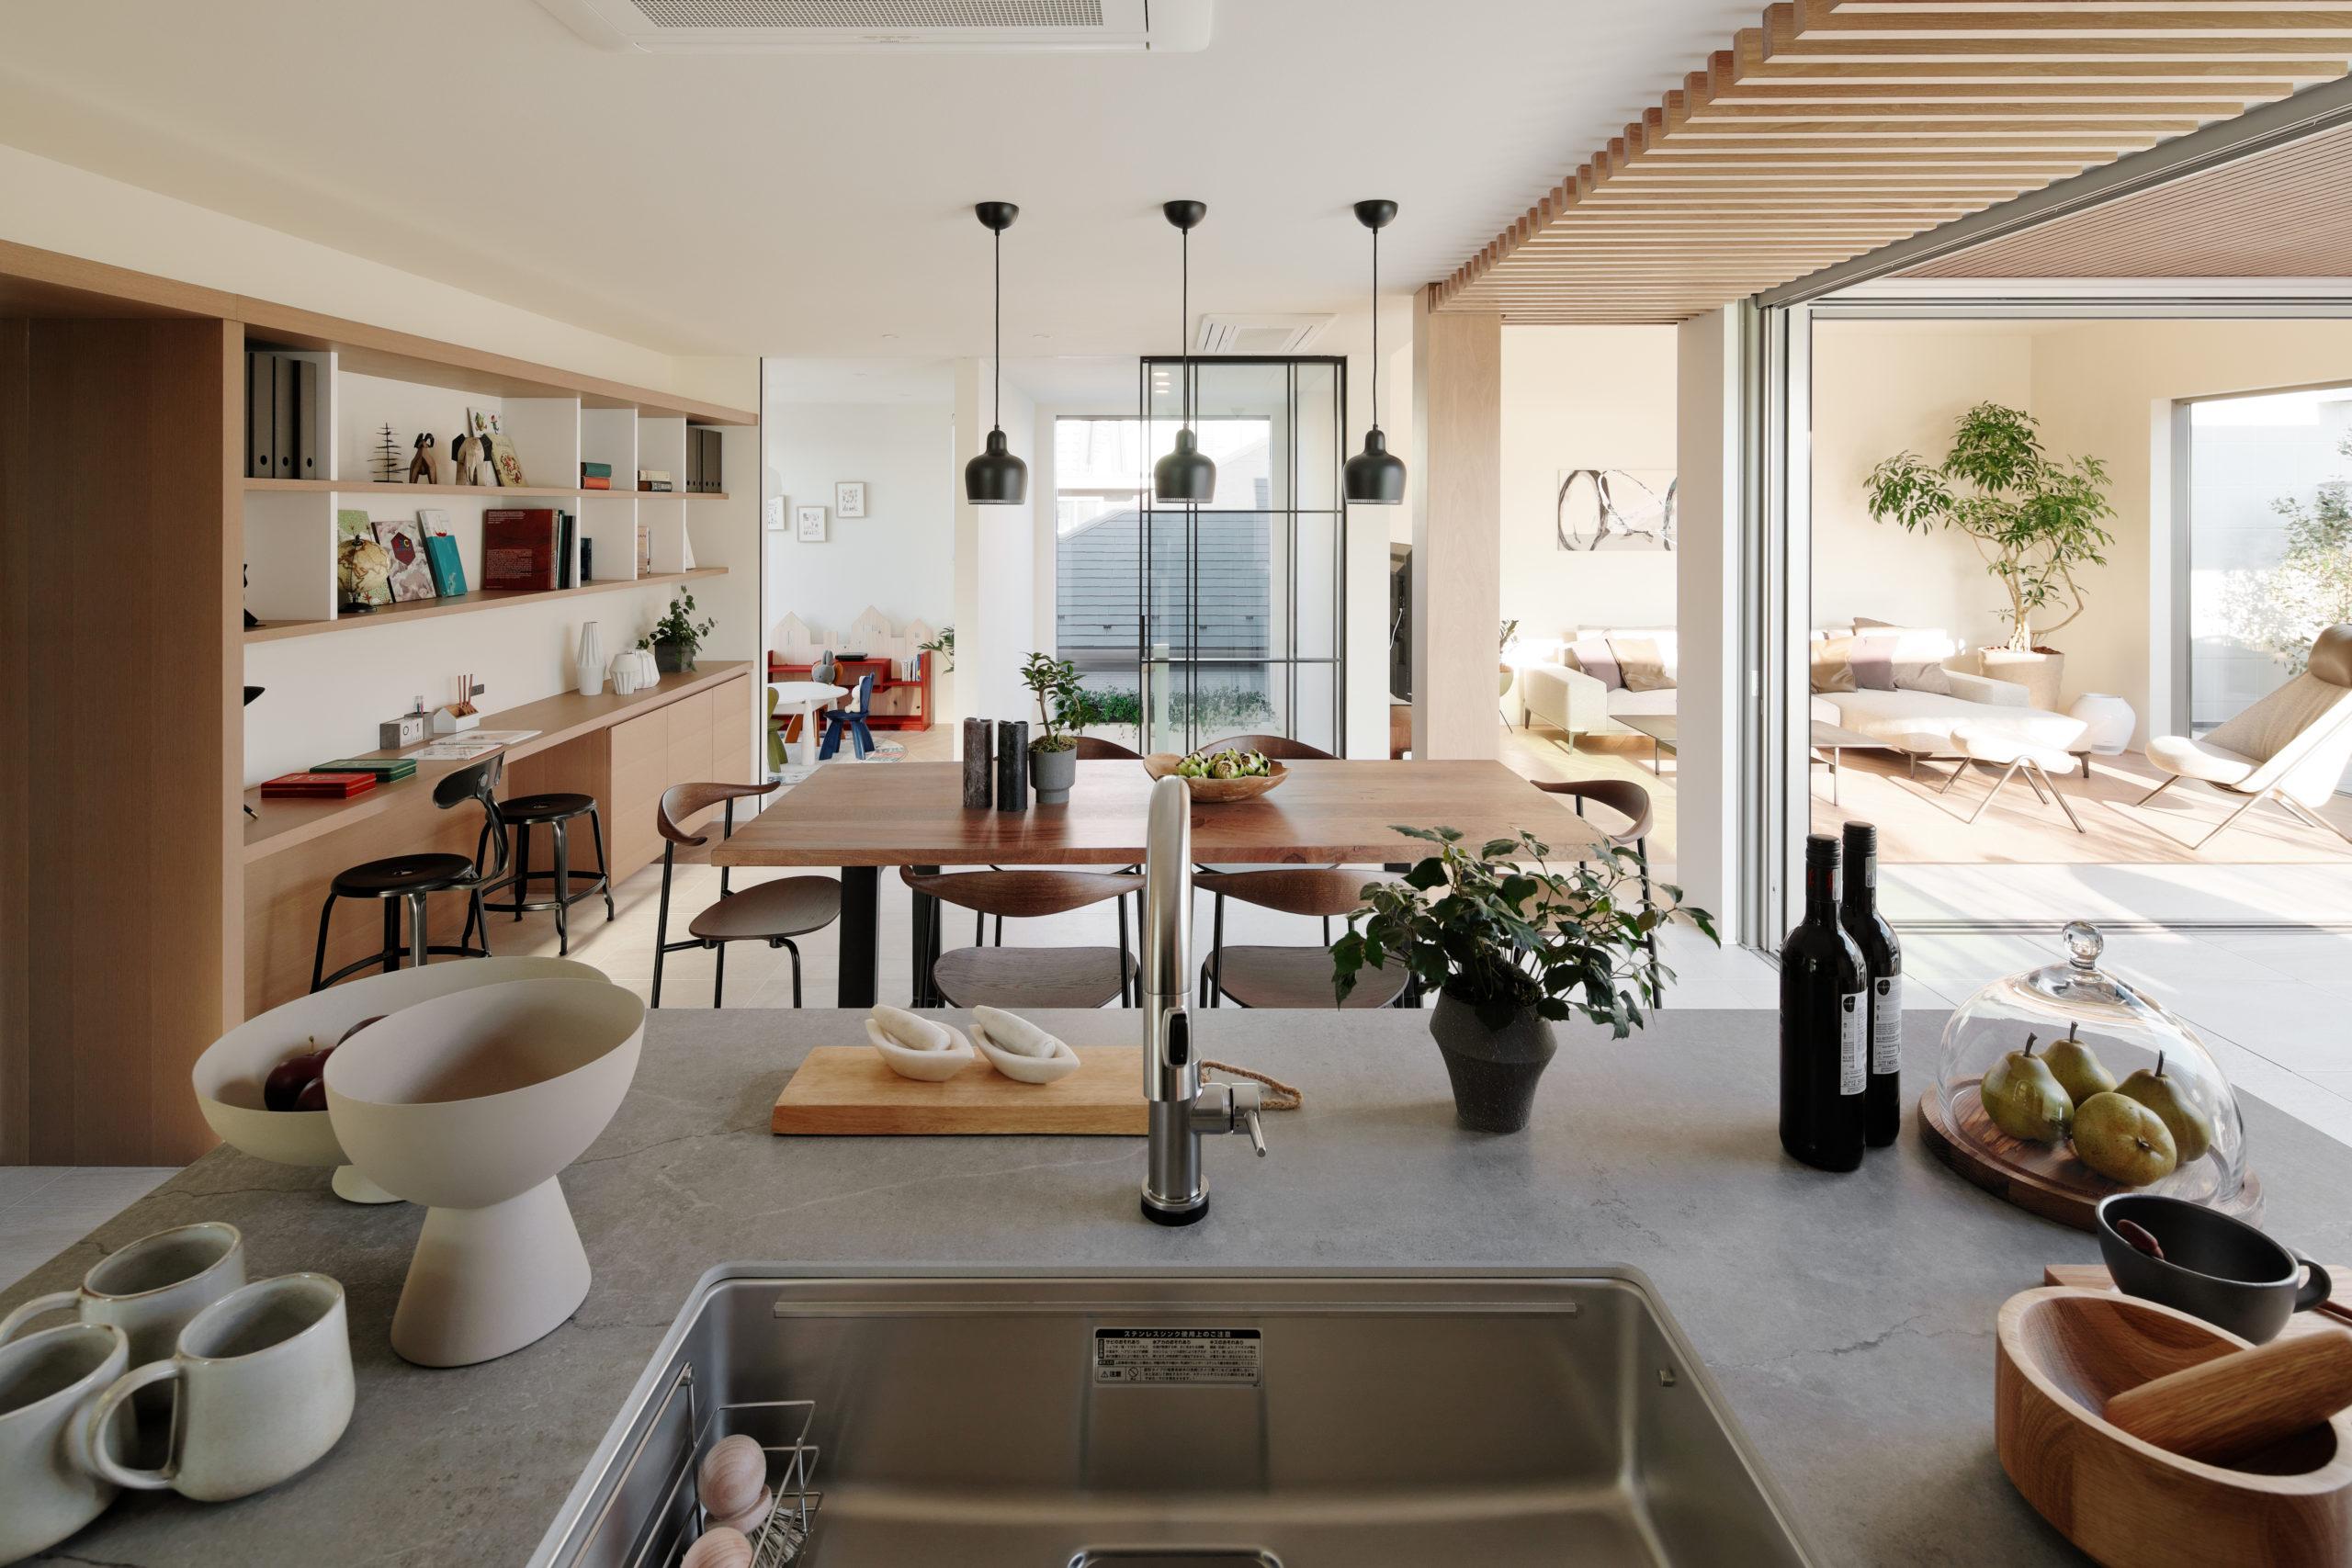 キッチンから、すべての部屋を確認できる様に配置。 家族で一緒に料理をしたり 、パーティーをしたりと多彩に活用出来る空間になっています